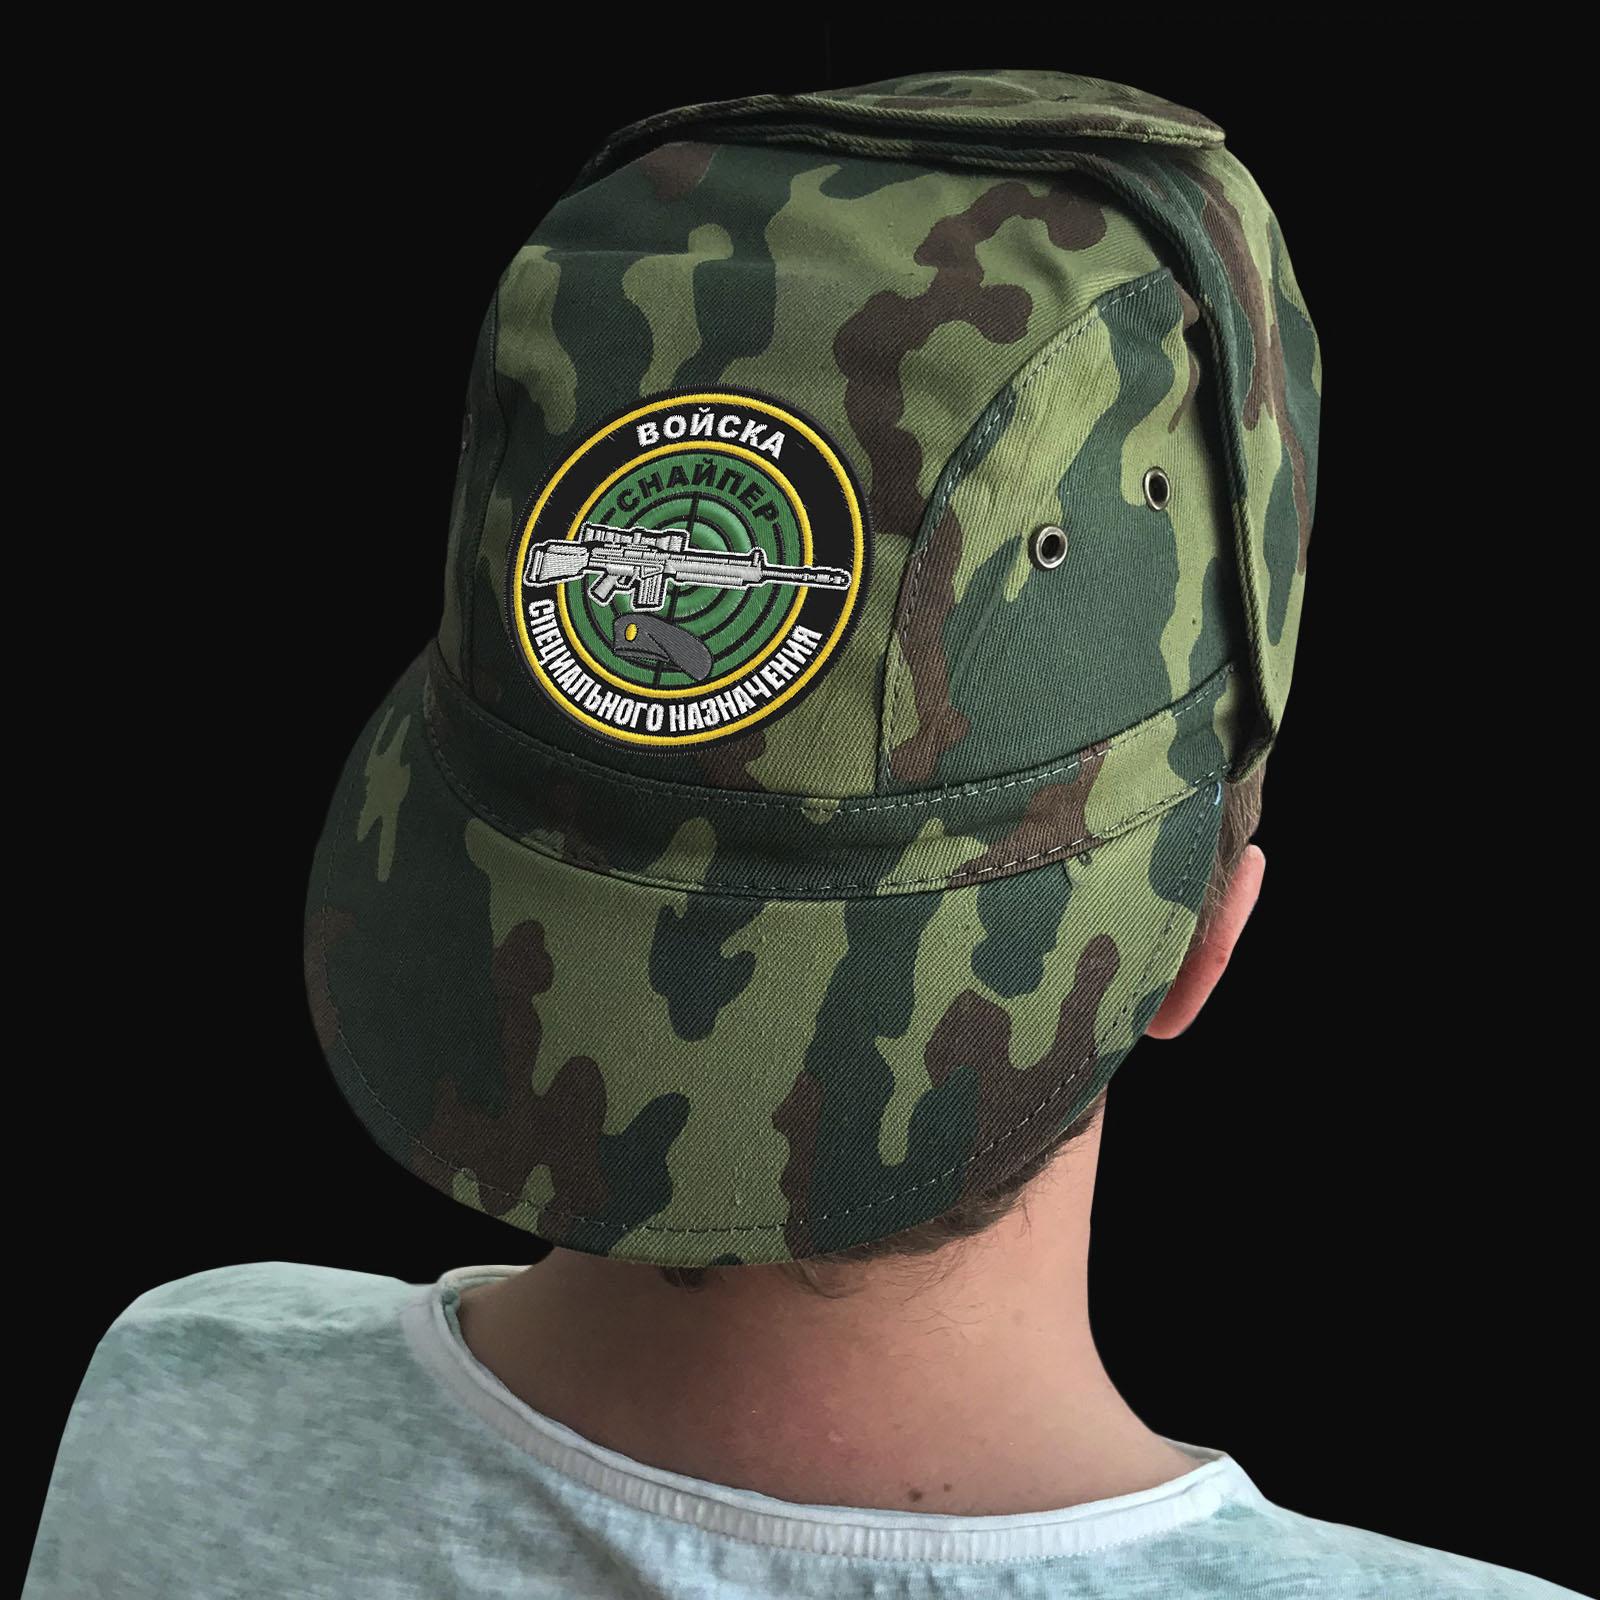 Милитари кепки для войск специального назначения